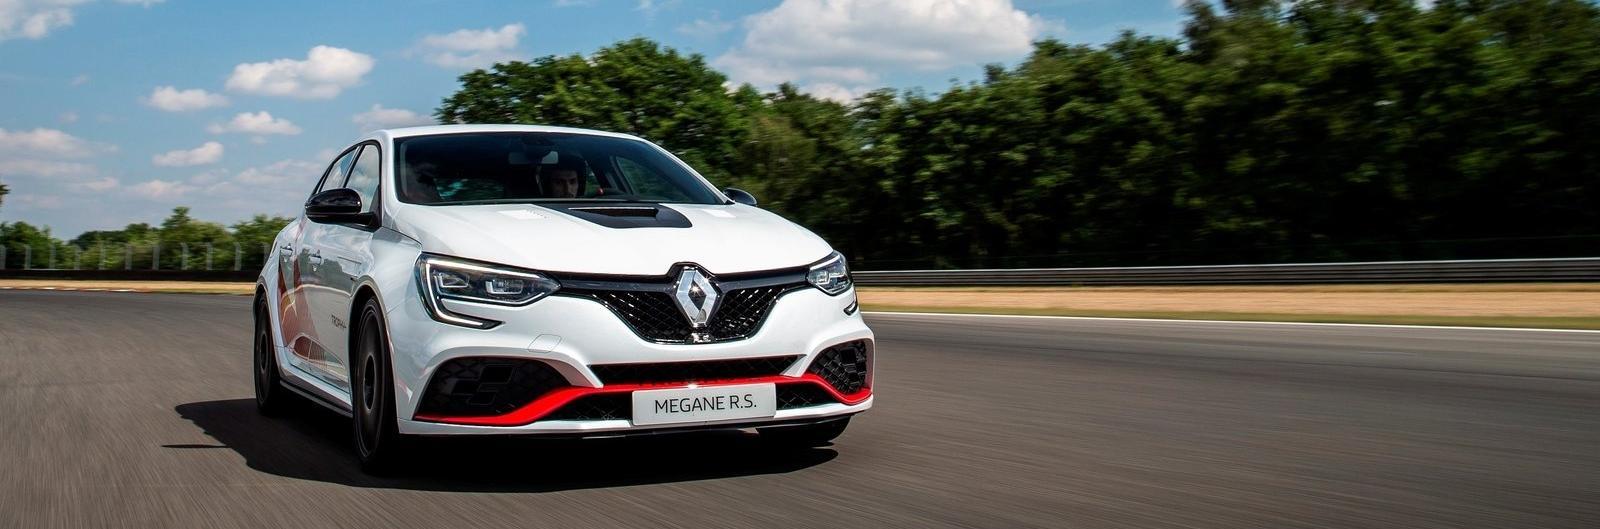 Renault Megane - garage goethals - wingene